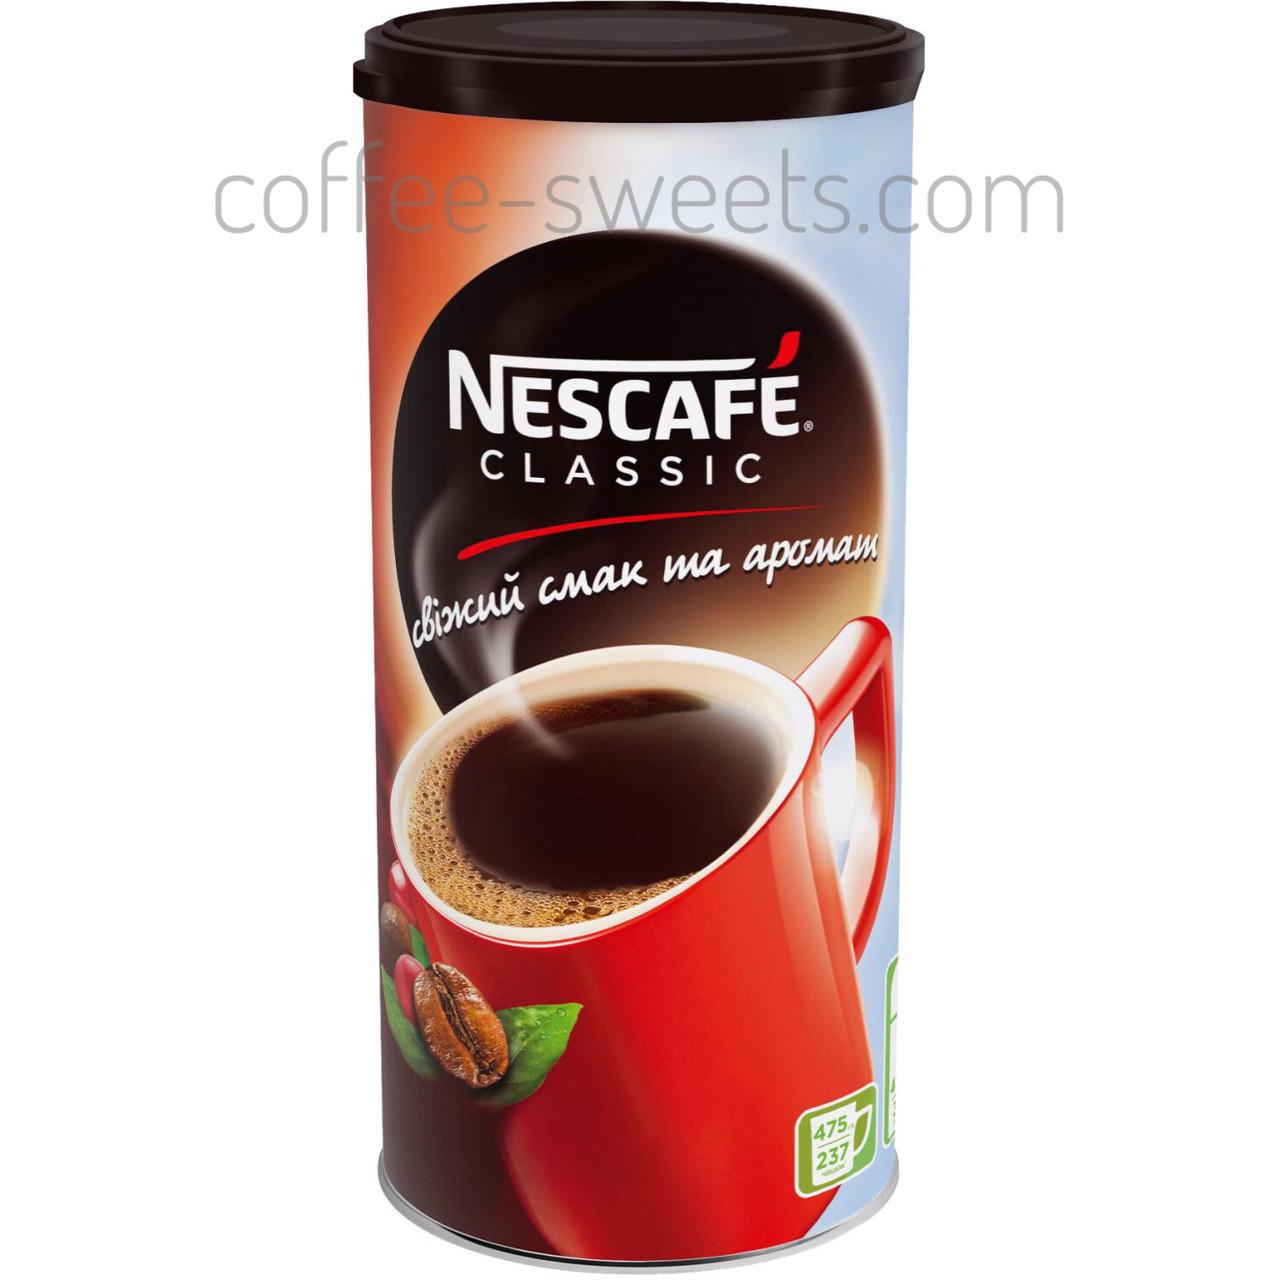 Кофе растворимый Nescafe classic 475g